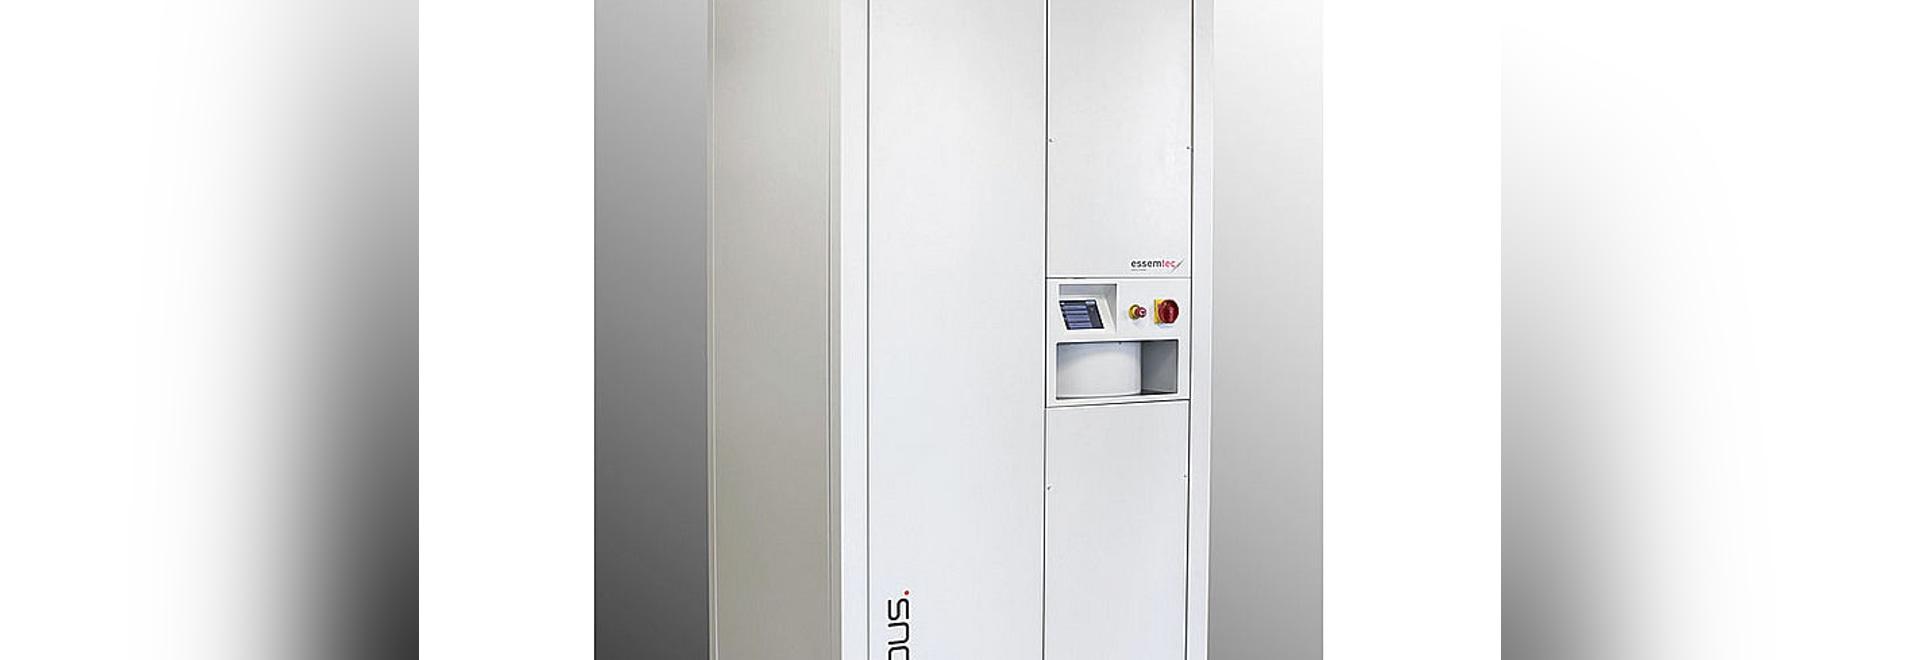 SMT global et l'empaquetage identifie le dispositif de stockage de prochaine génération d'Essemtec